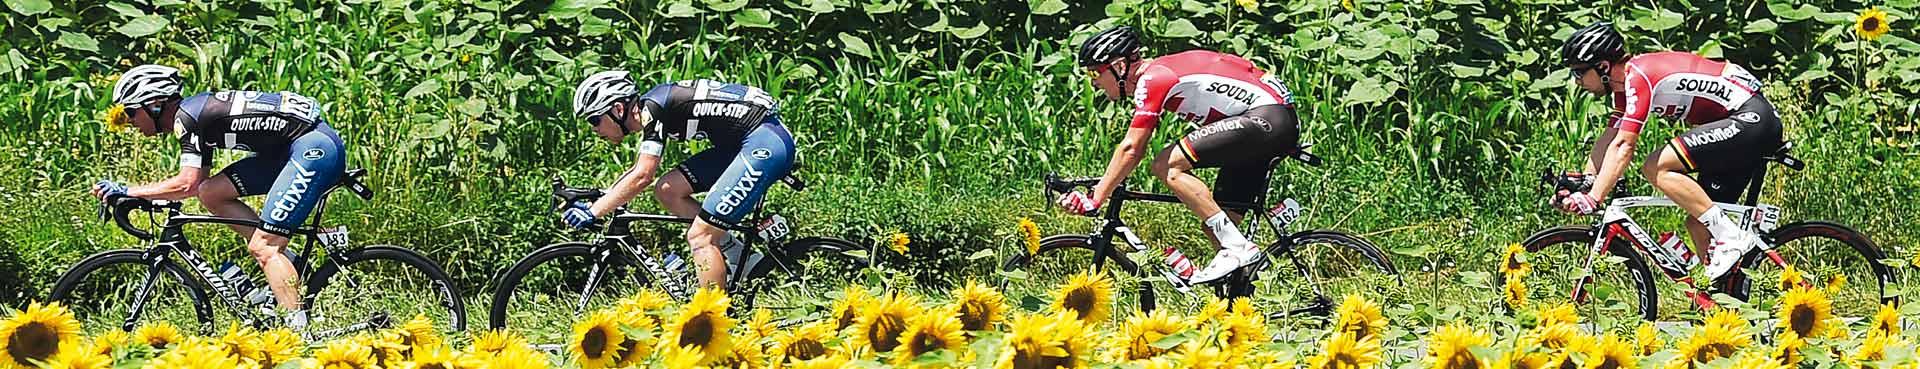 Guide Presse Century 21 - Tour de France